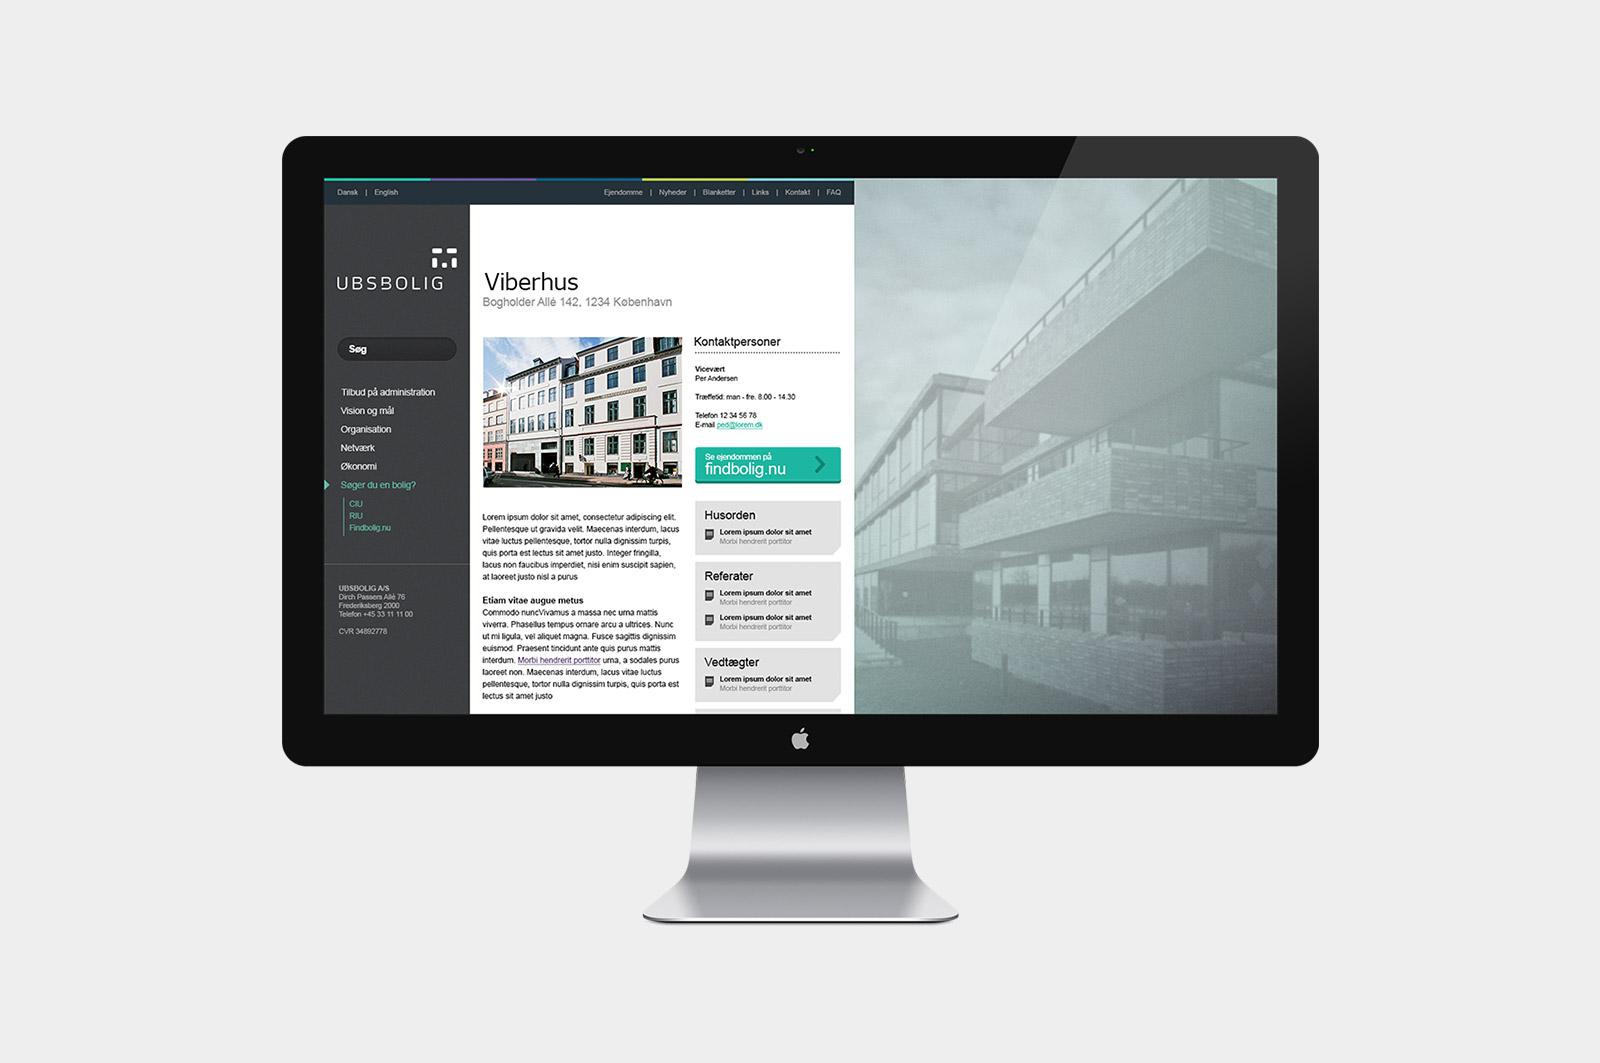 UBSBOLIG - Website